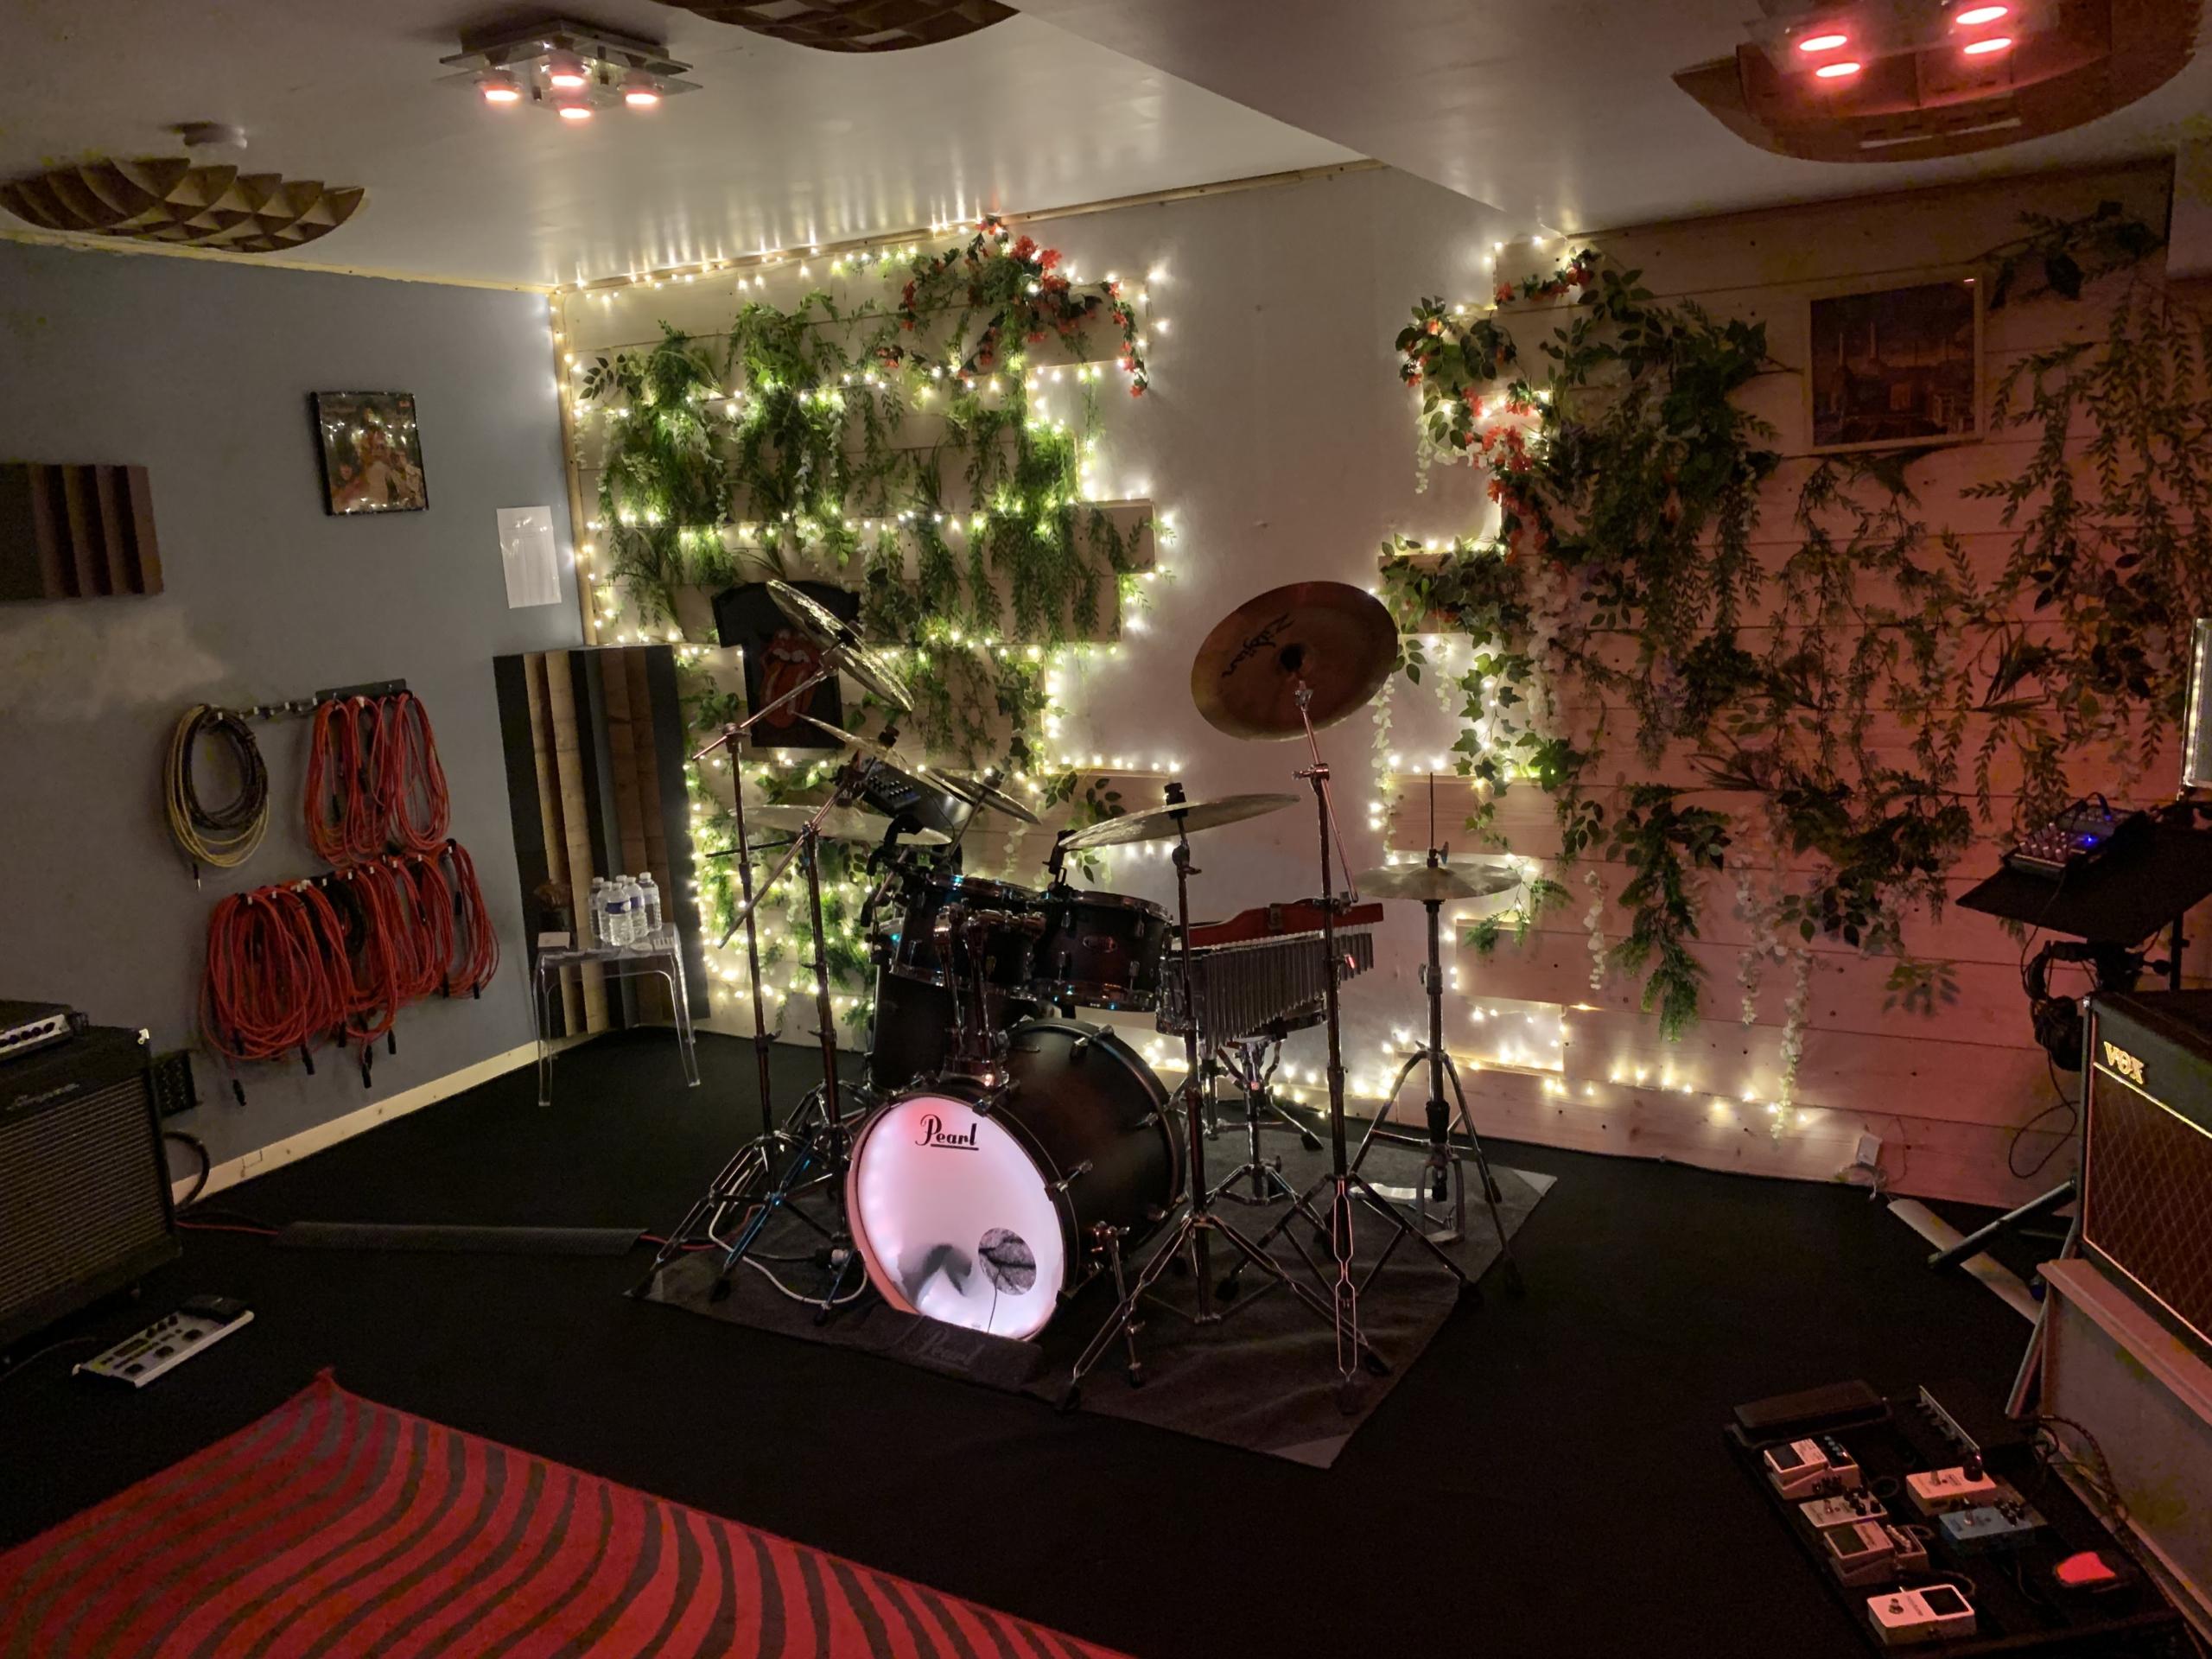 Location réservation en ligne de studio d'enregistrement spacieux confortable et matériel haut de gamme